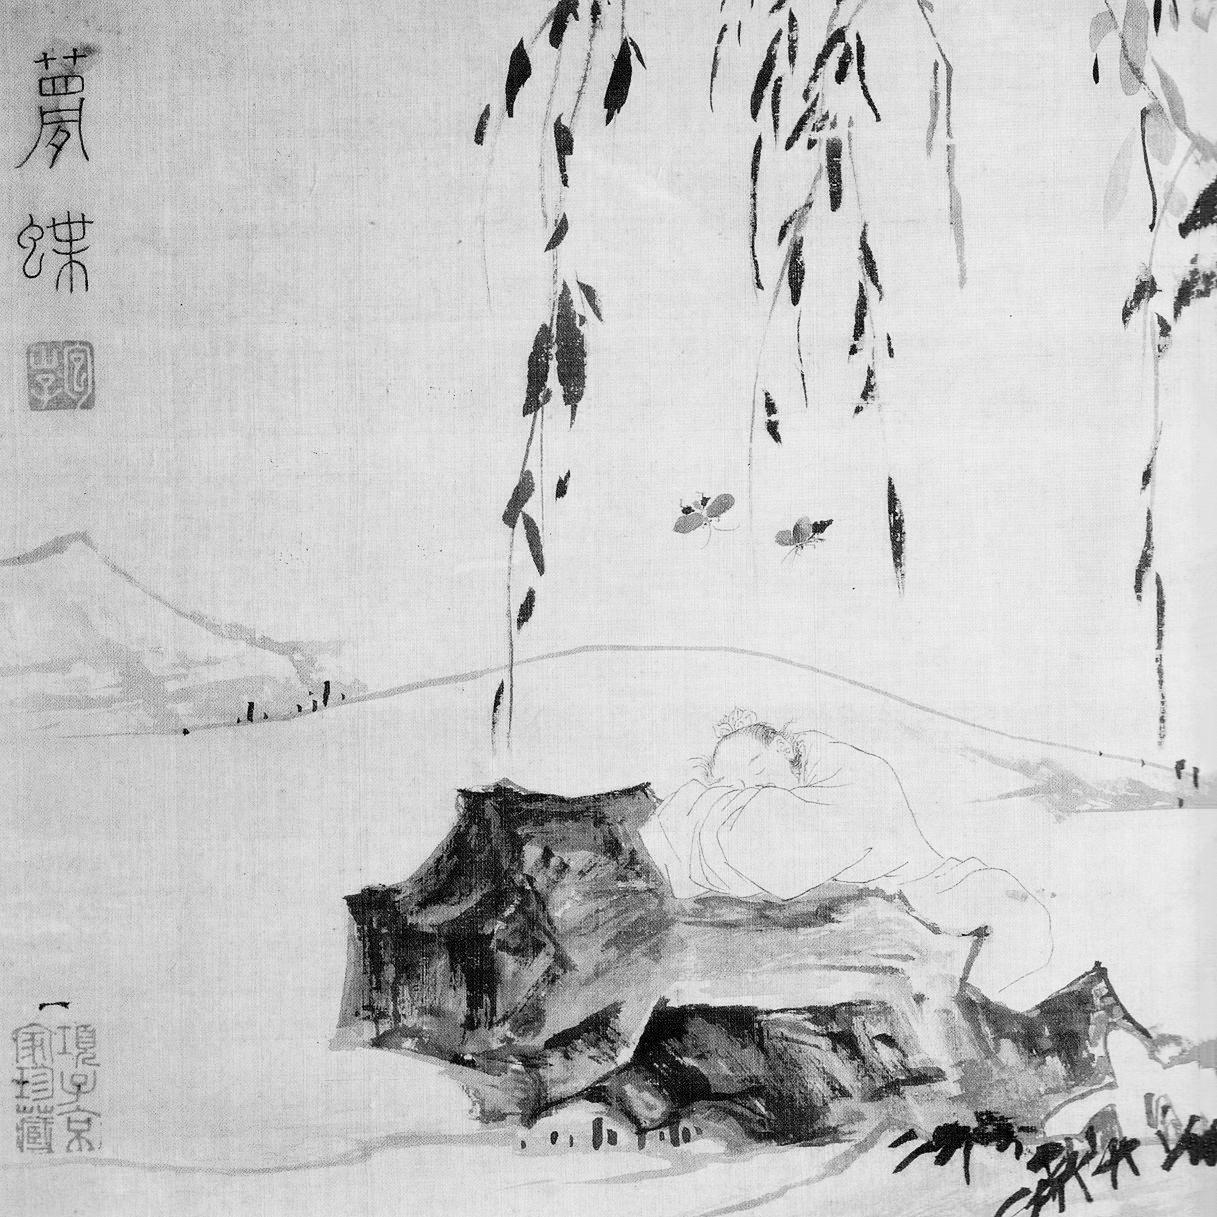 1200px-Dschuang-Dsi-Schmetterlingstraum-Zhuangzi-Butterfly-Dream.jpg